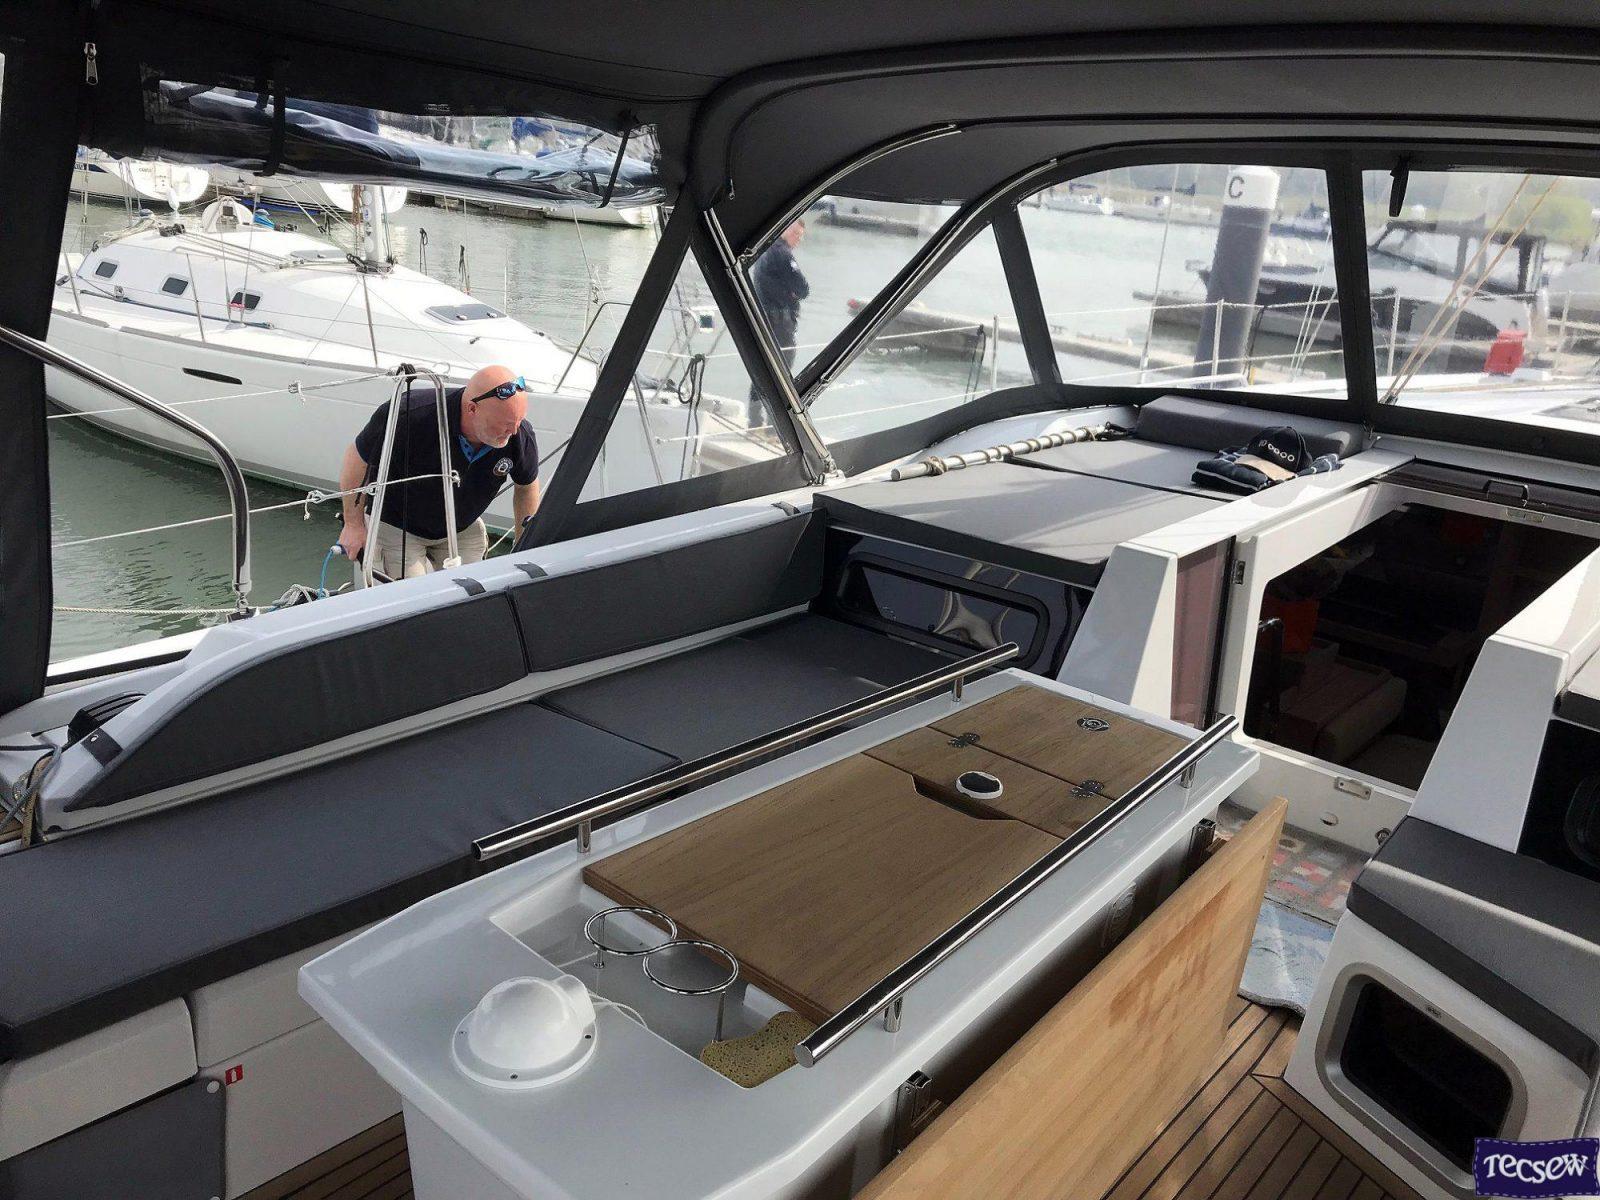 Beneteau Oceanis 51.1 model with NO ARCH, Cockpit Enclosure interior 2